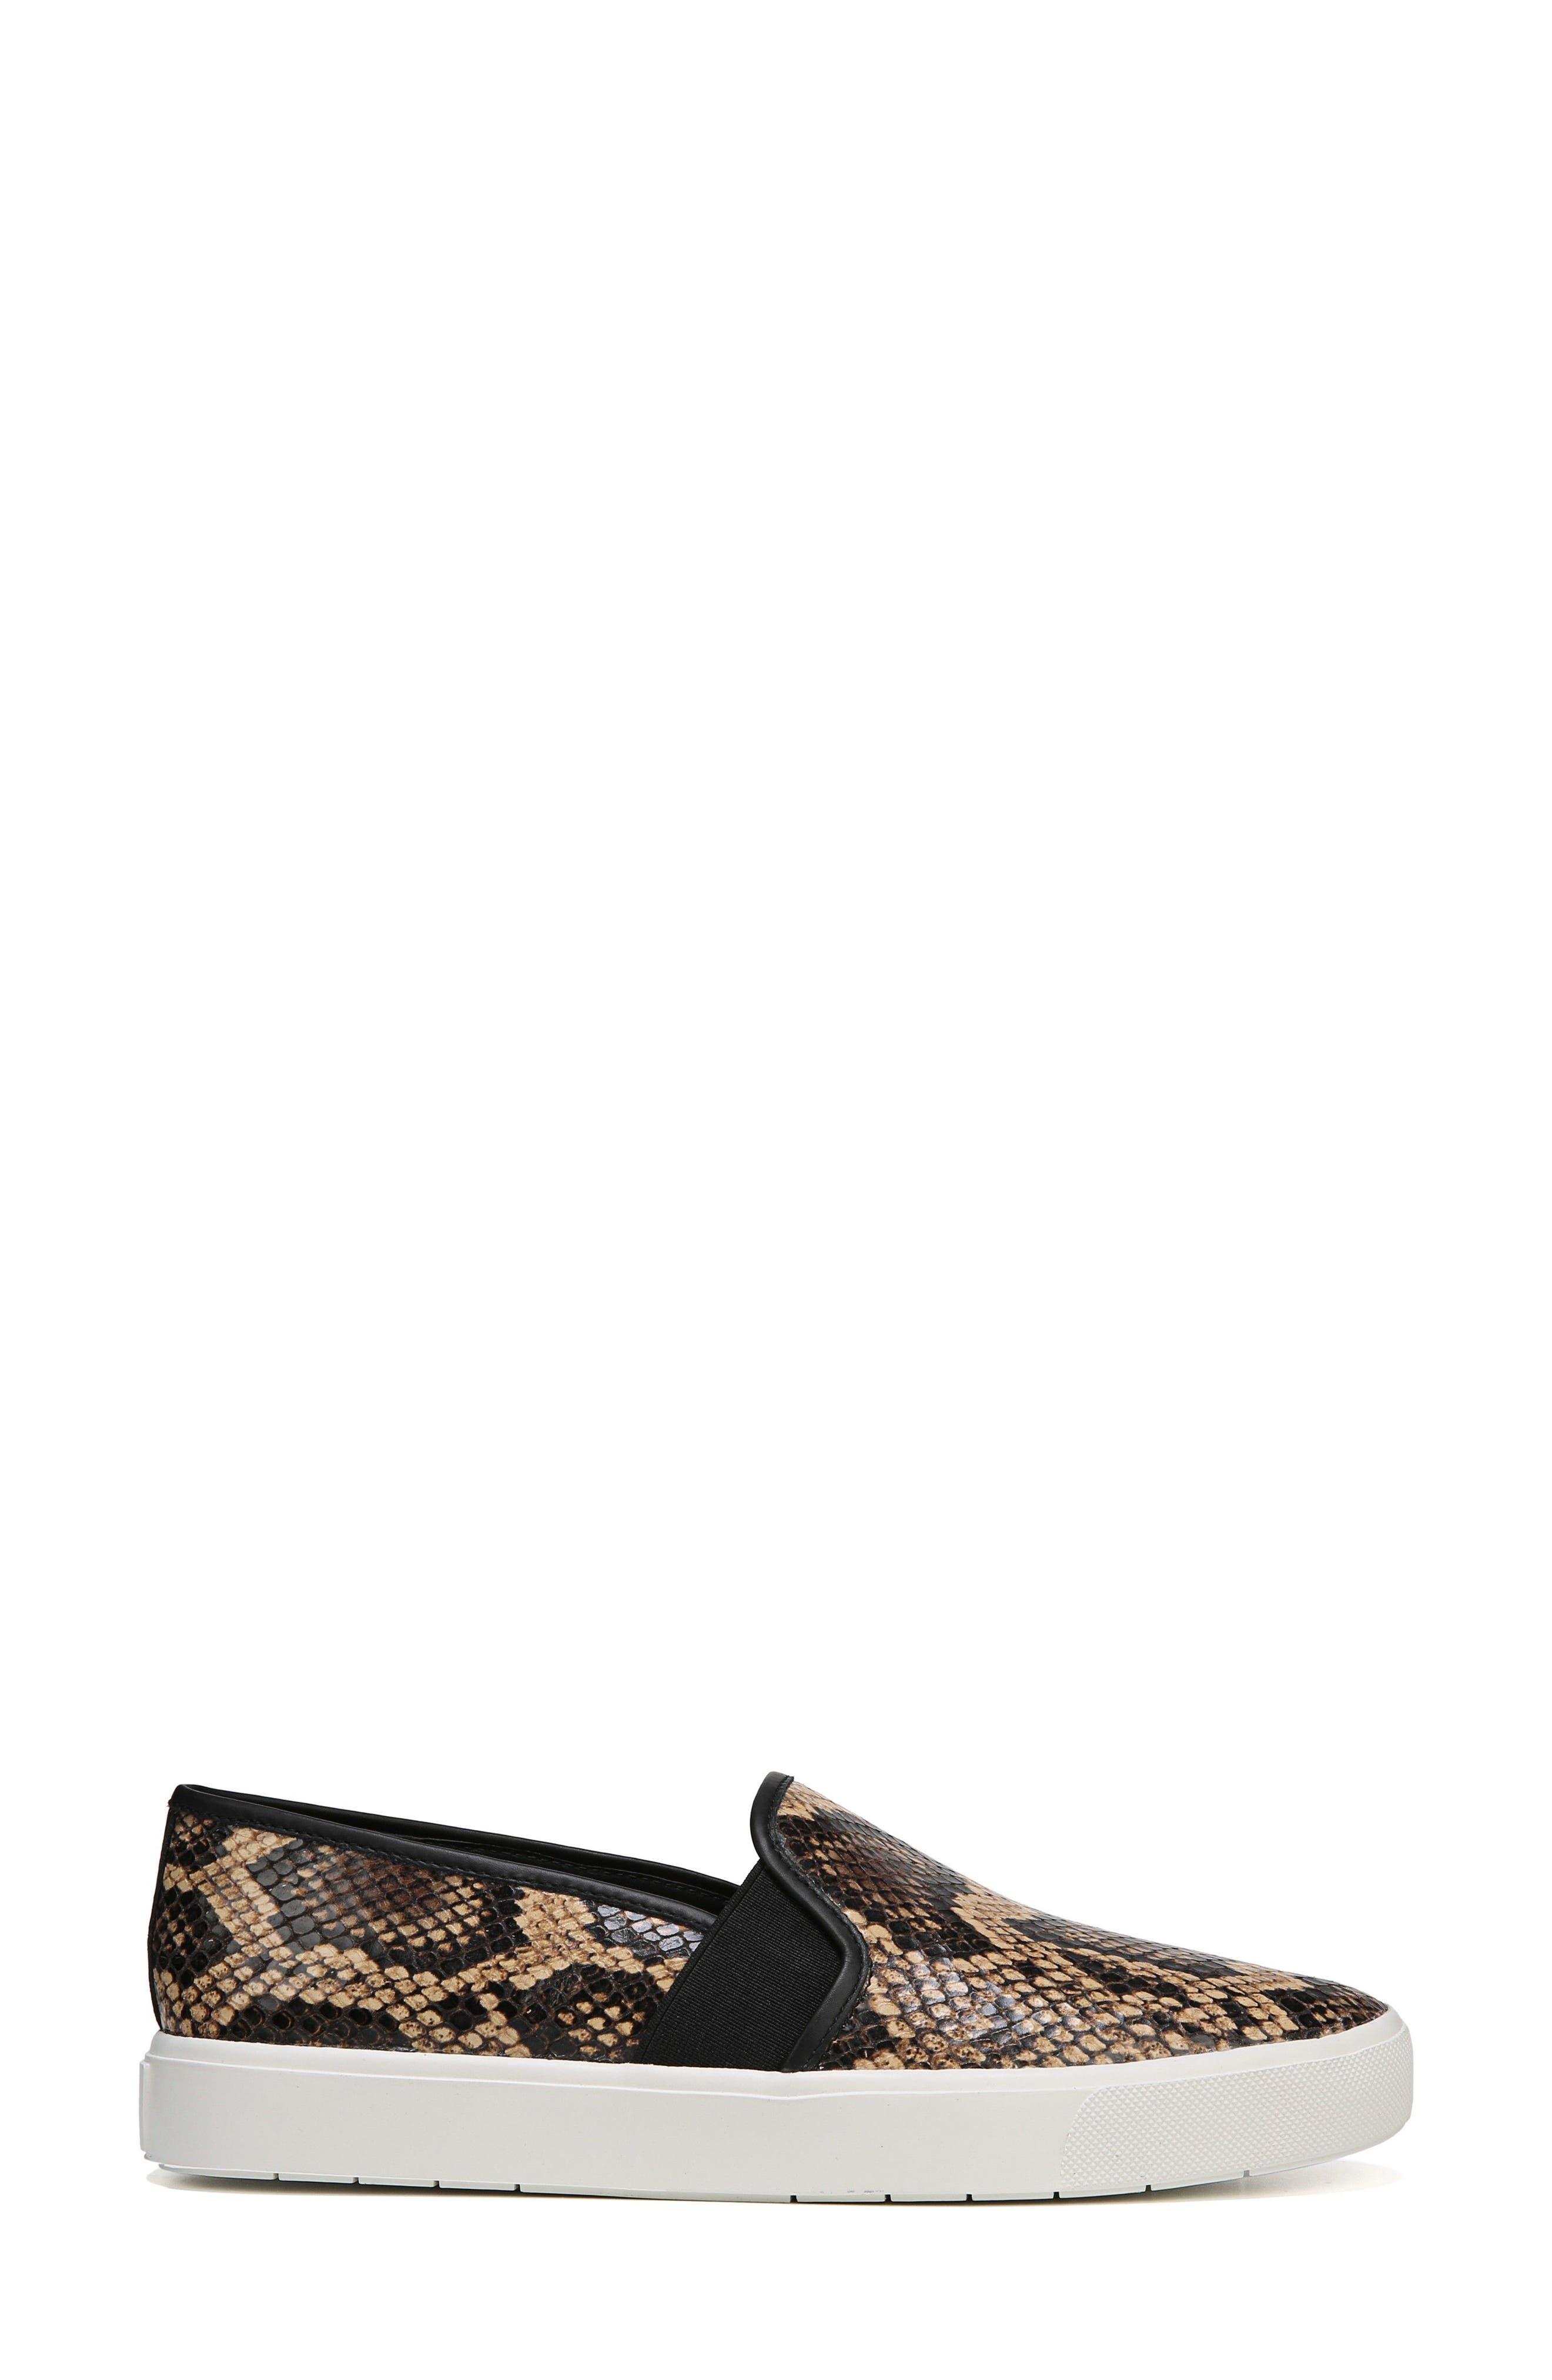 Blair 5 Slip-On Sneaker,                             Alternate thumbnail 3, color,                             SENEGAL SNAKE PRINT